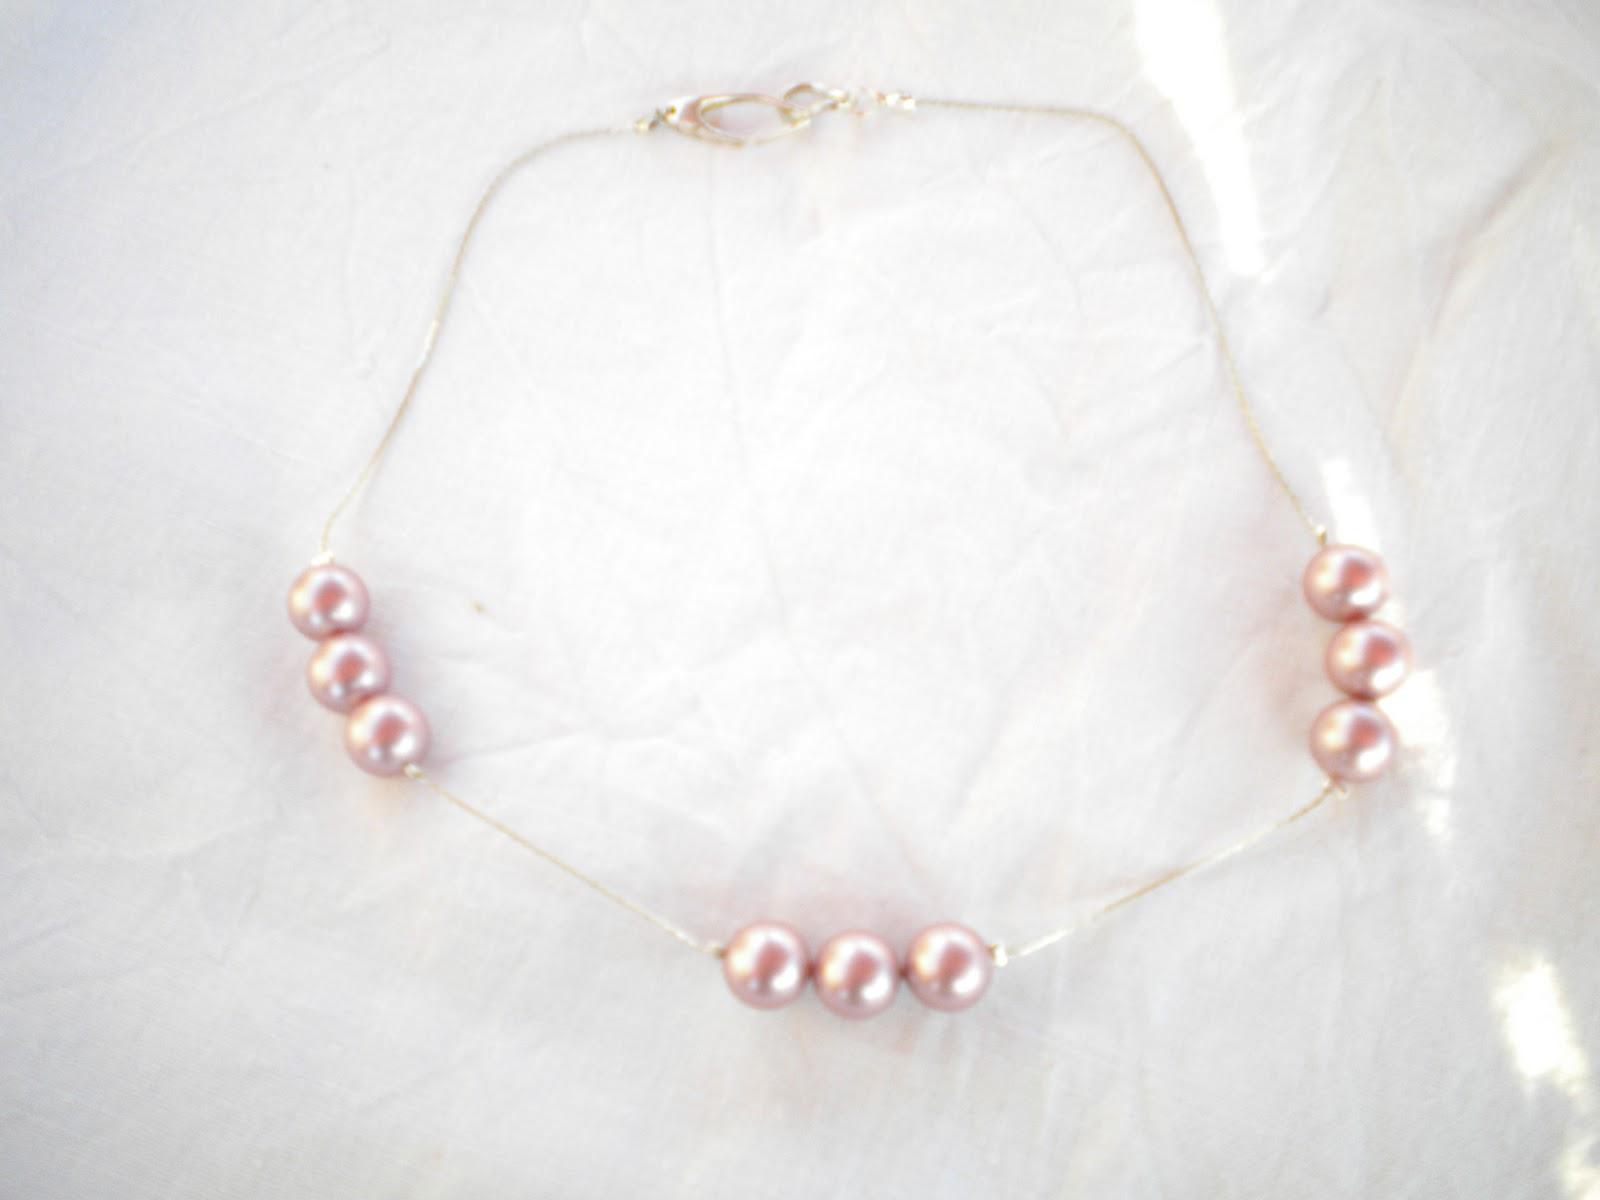 collana argento e perle rosa swarosky